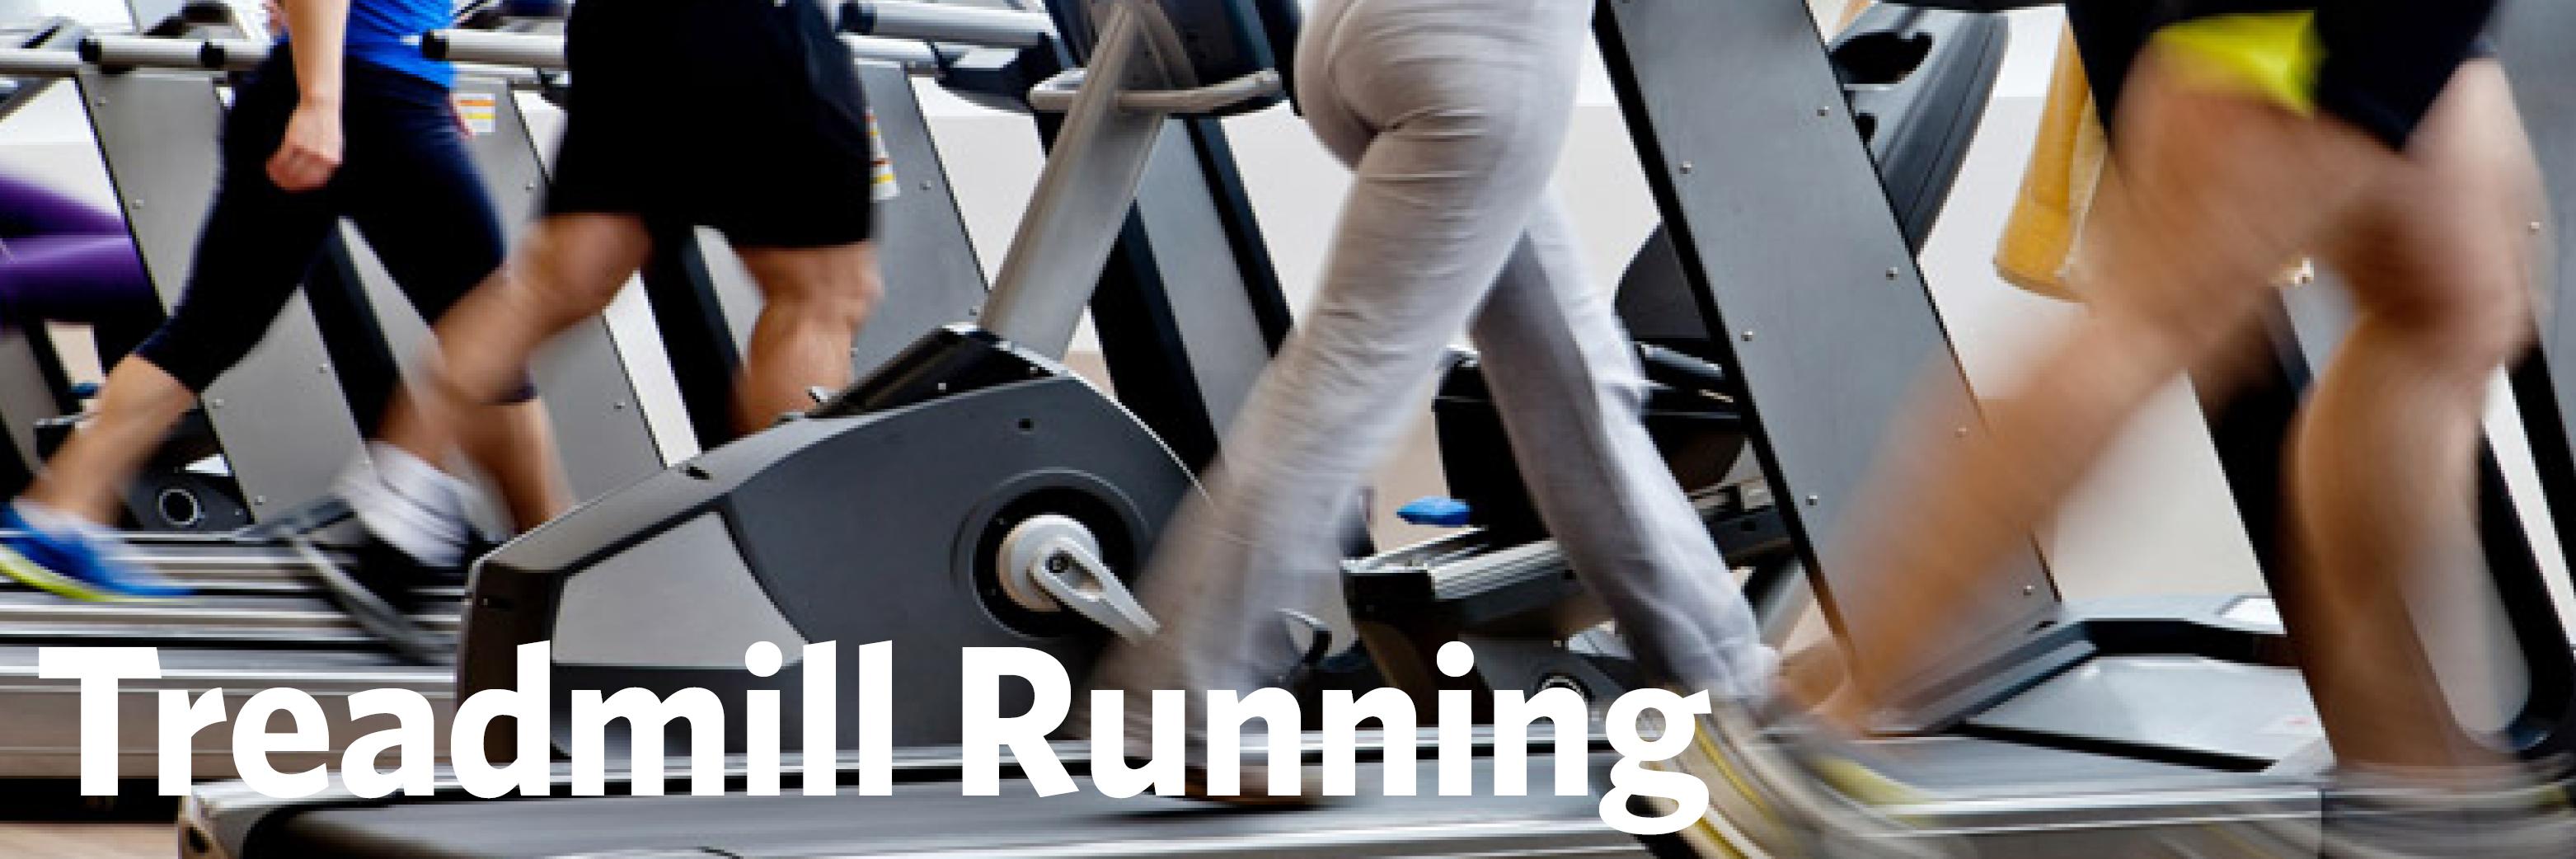 2016_thepoint_treadmillrunning